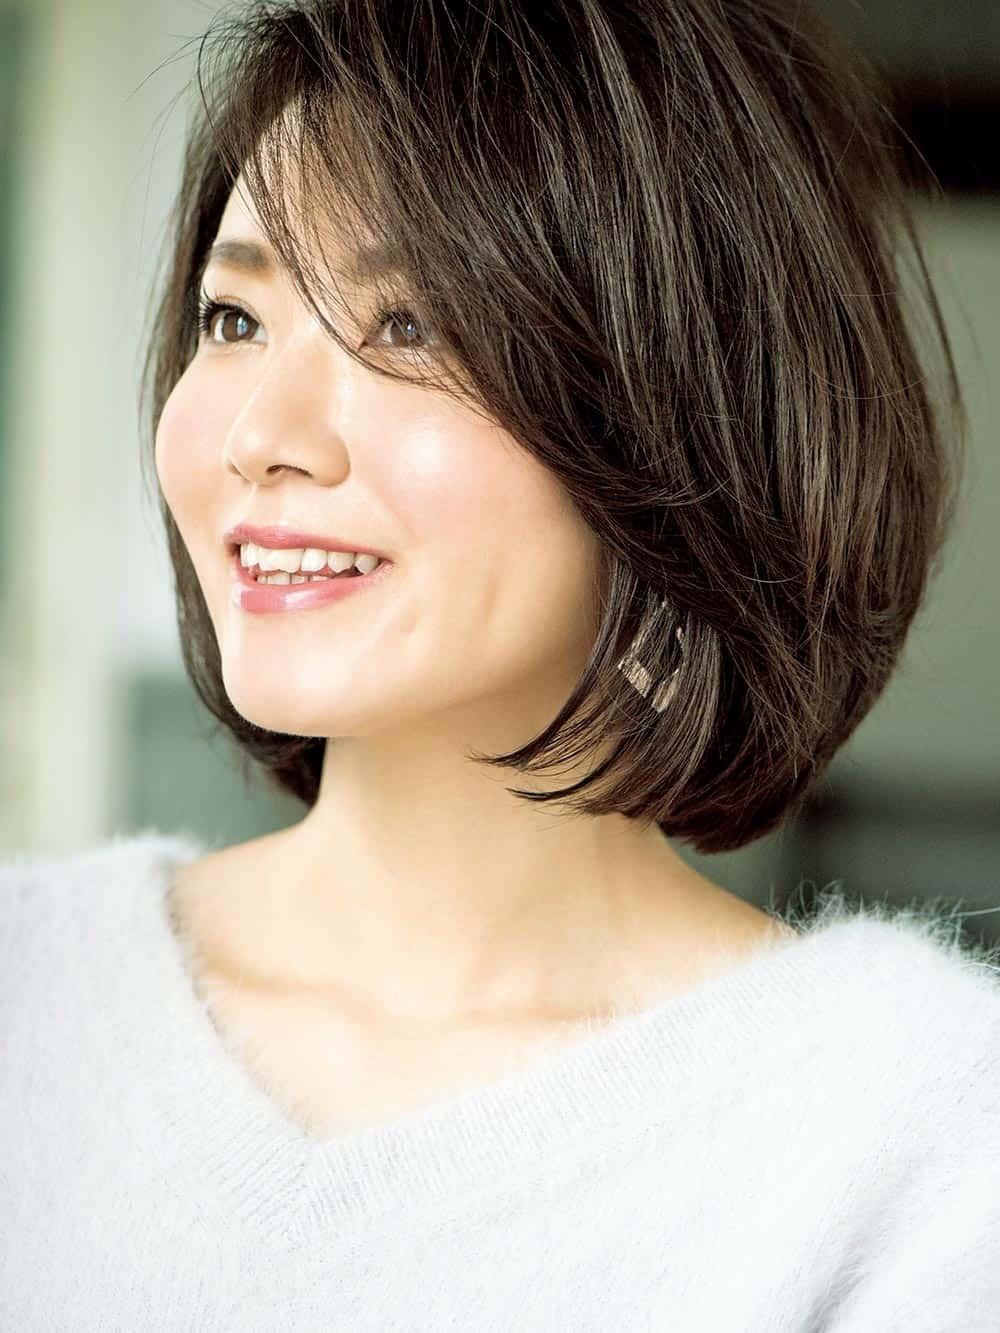 人気髪型ランキングTOP20【40代の毎日ヘアスタイル】 \u2013 STORY